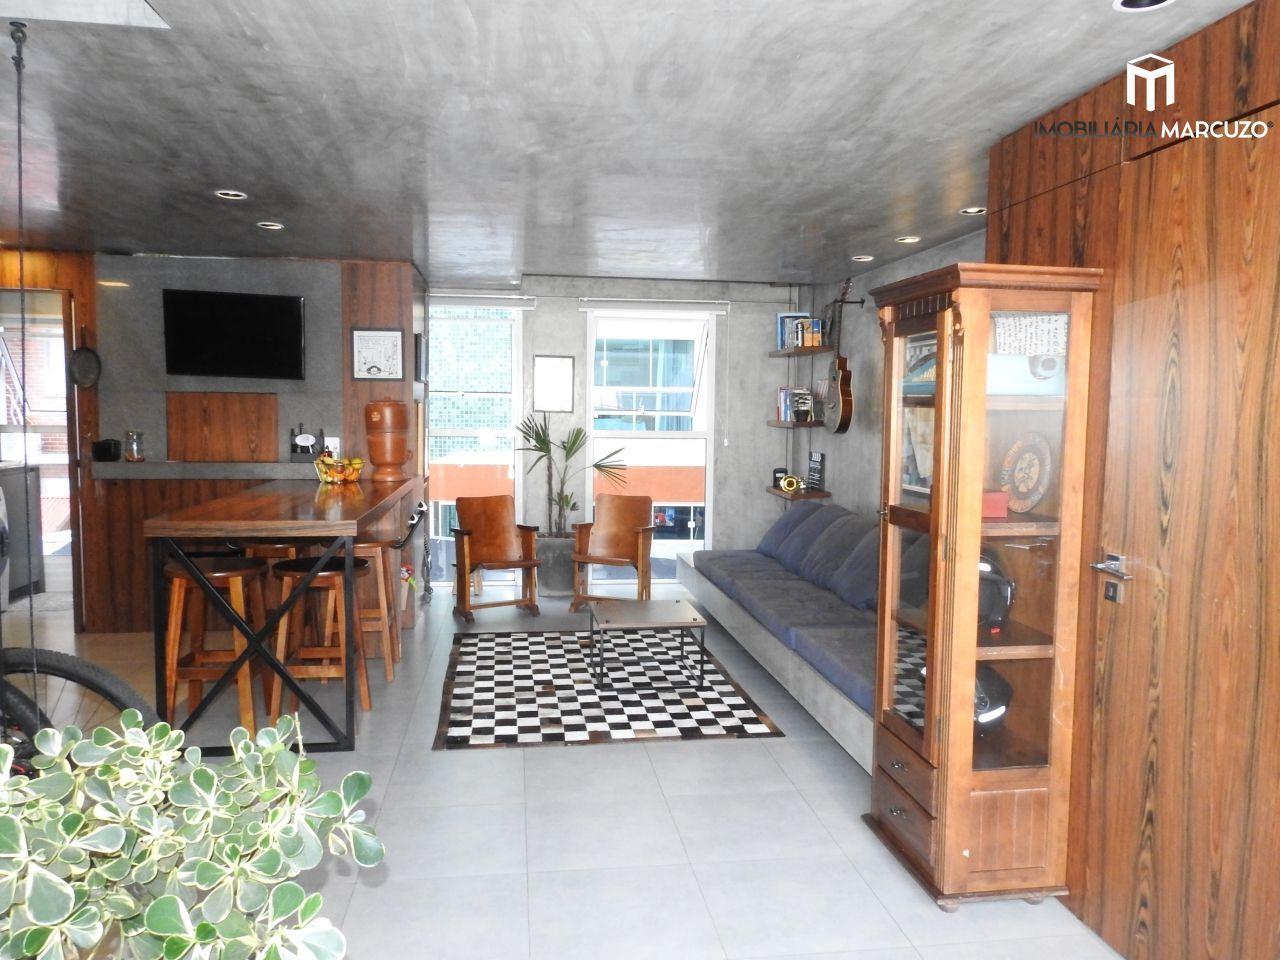 Ponto comercial com 2 Dormitórios à venda, 105 m² por R$ 650.000,00